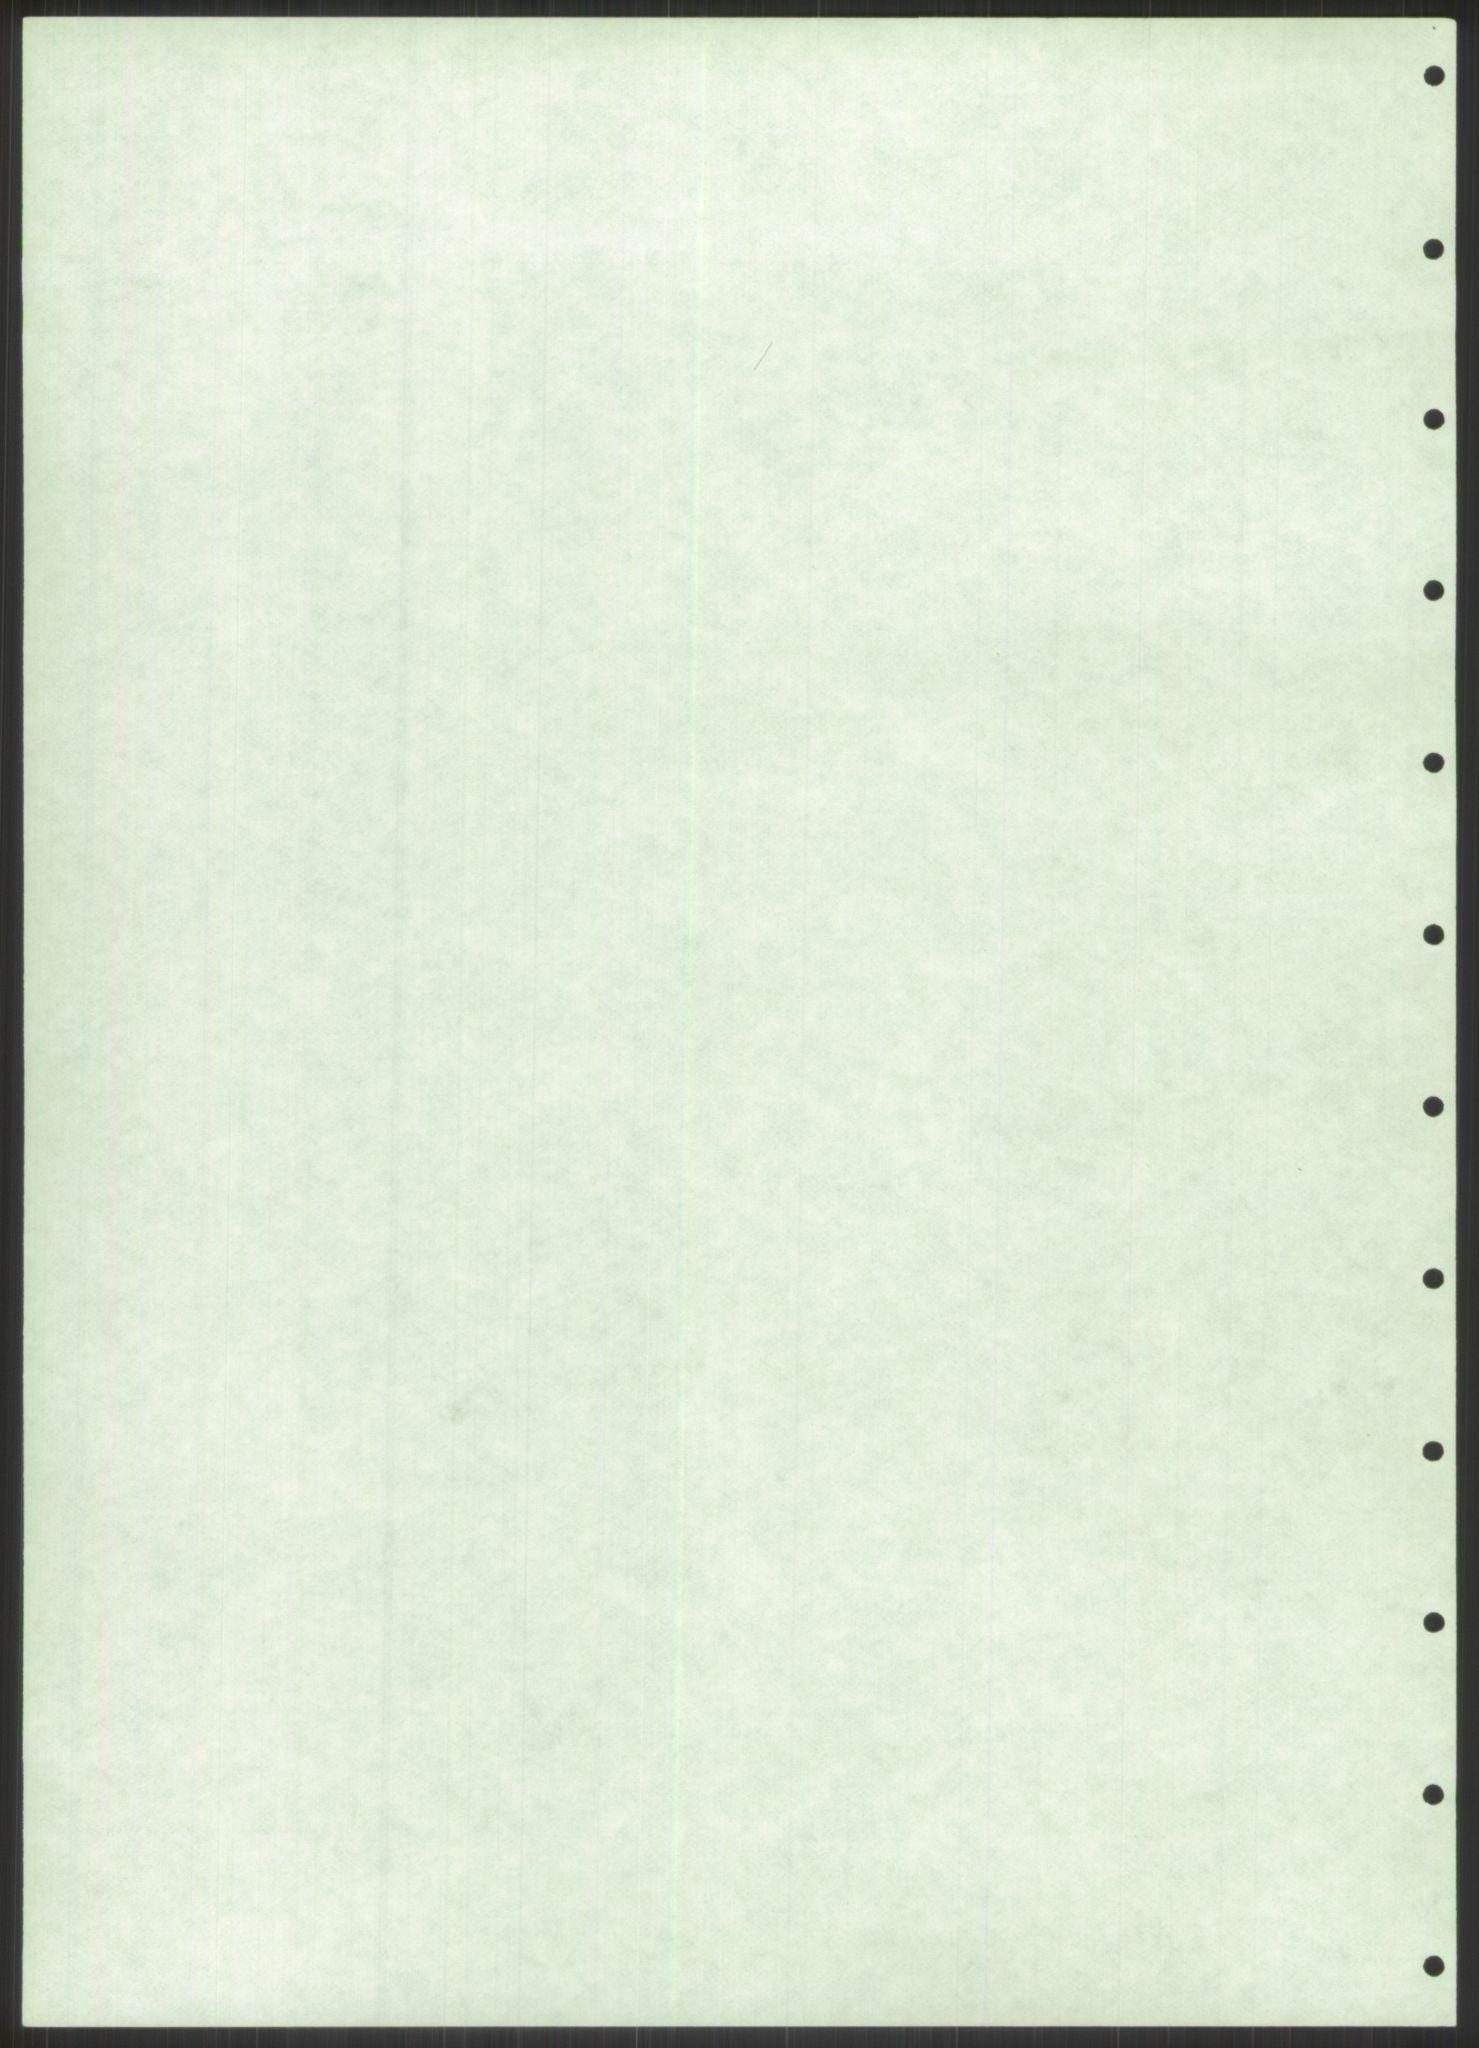 RA, Justisdepartementet, Granskningskommisjonen ved Alexander Kielland-ulykken 27.3.1980, D/L0004: 0001: Vurdering av stabilitet ved Emil Aall Dahle / 0002: Oppdragsrapport fra Norsk bygningsteknisk institutt/0003: NOU 1981:11 Alexander Kielland-ulykken (engelsk utgave), 1980-1981, s. 466